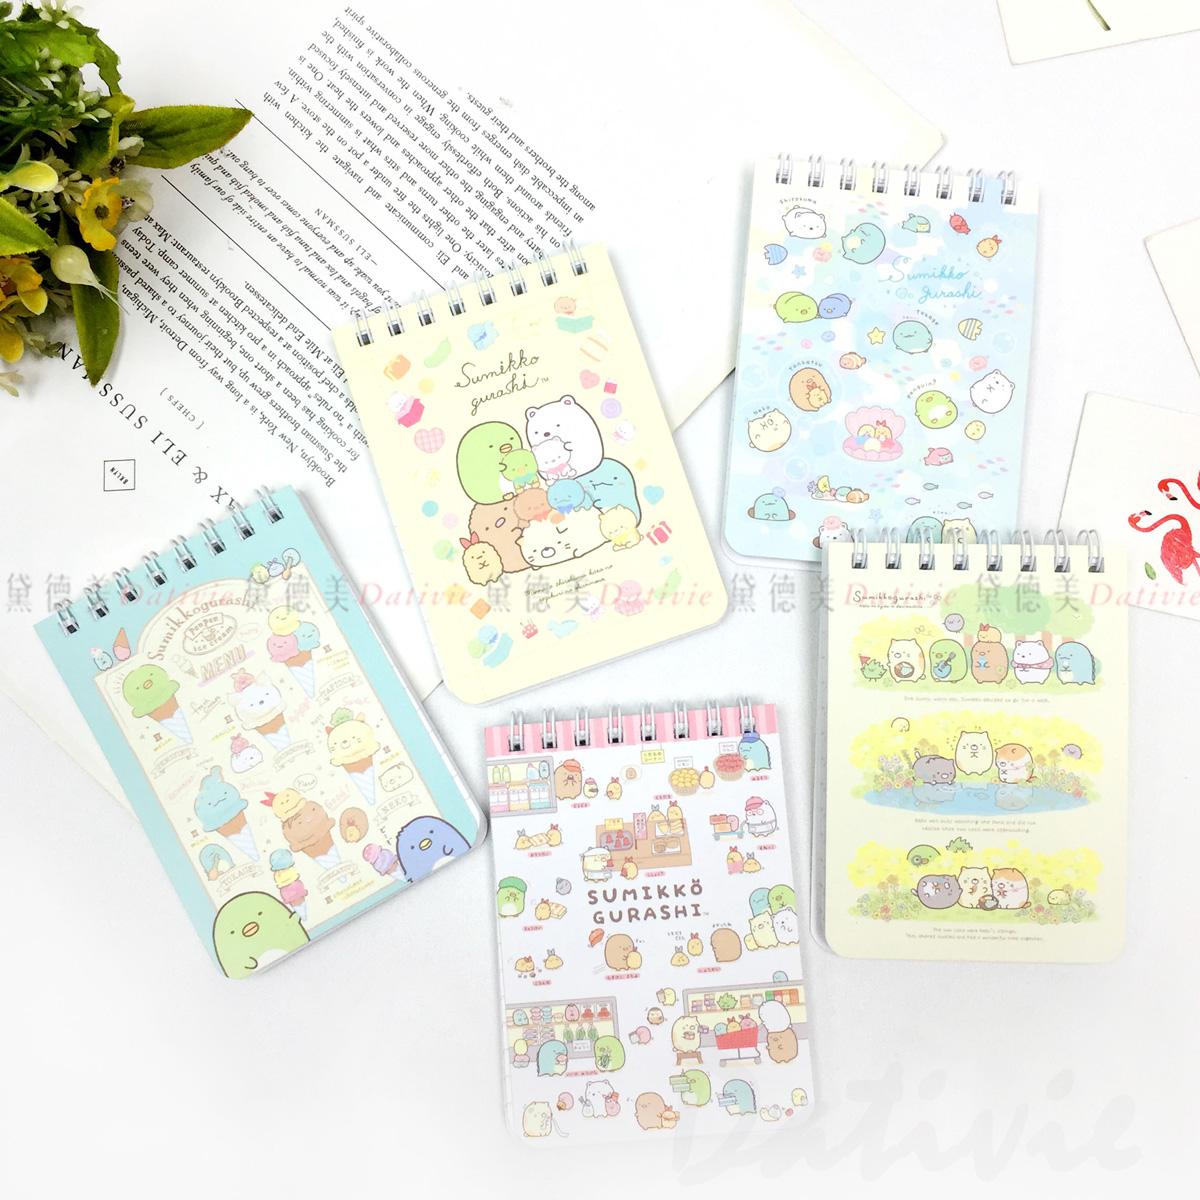 上翻橫條筆記本 San-x 角落生物 花田 購物 布偶 海洋 冰淇淋 memo本 正版授權